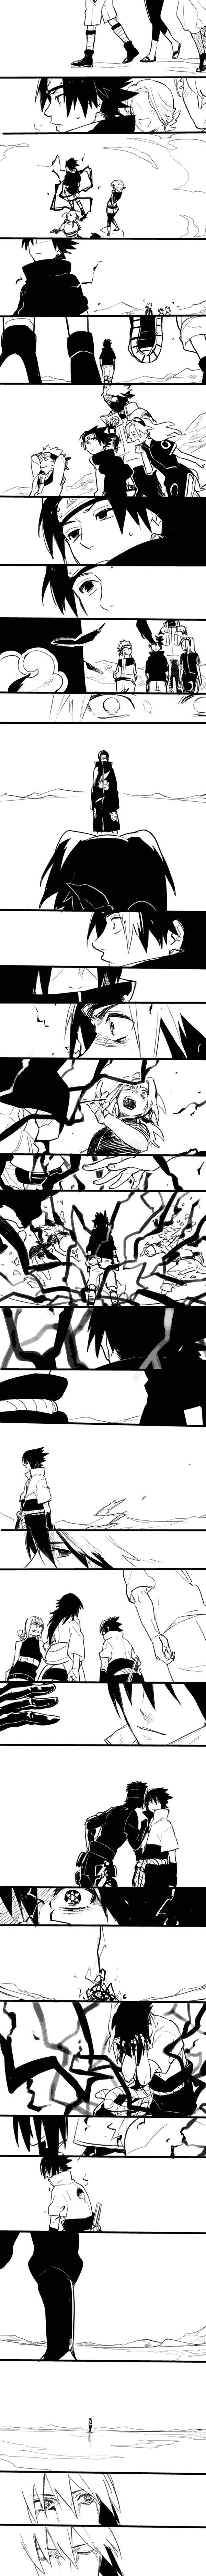 Tags: Anime, Fanart, Akatsuki, NARUTO, Haruno Sakura